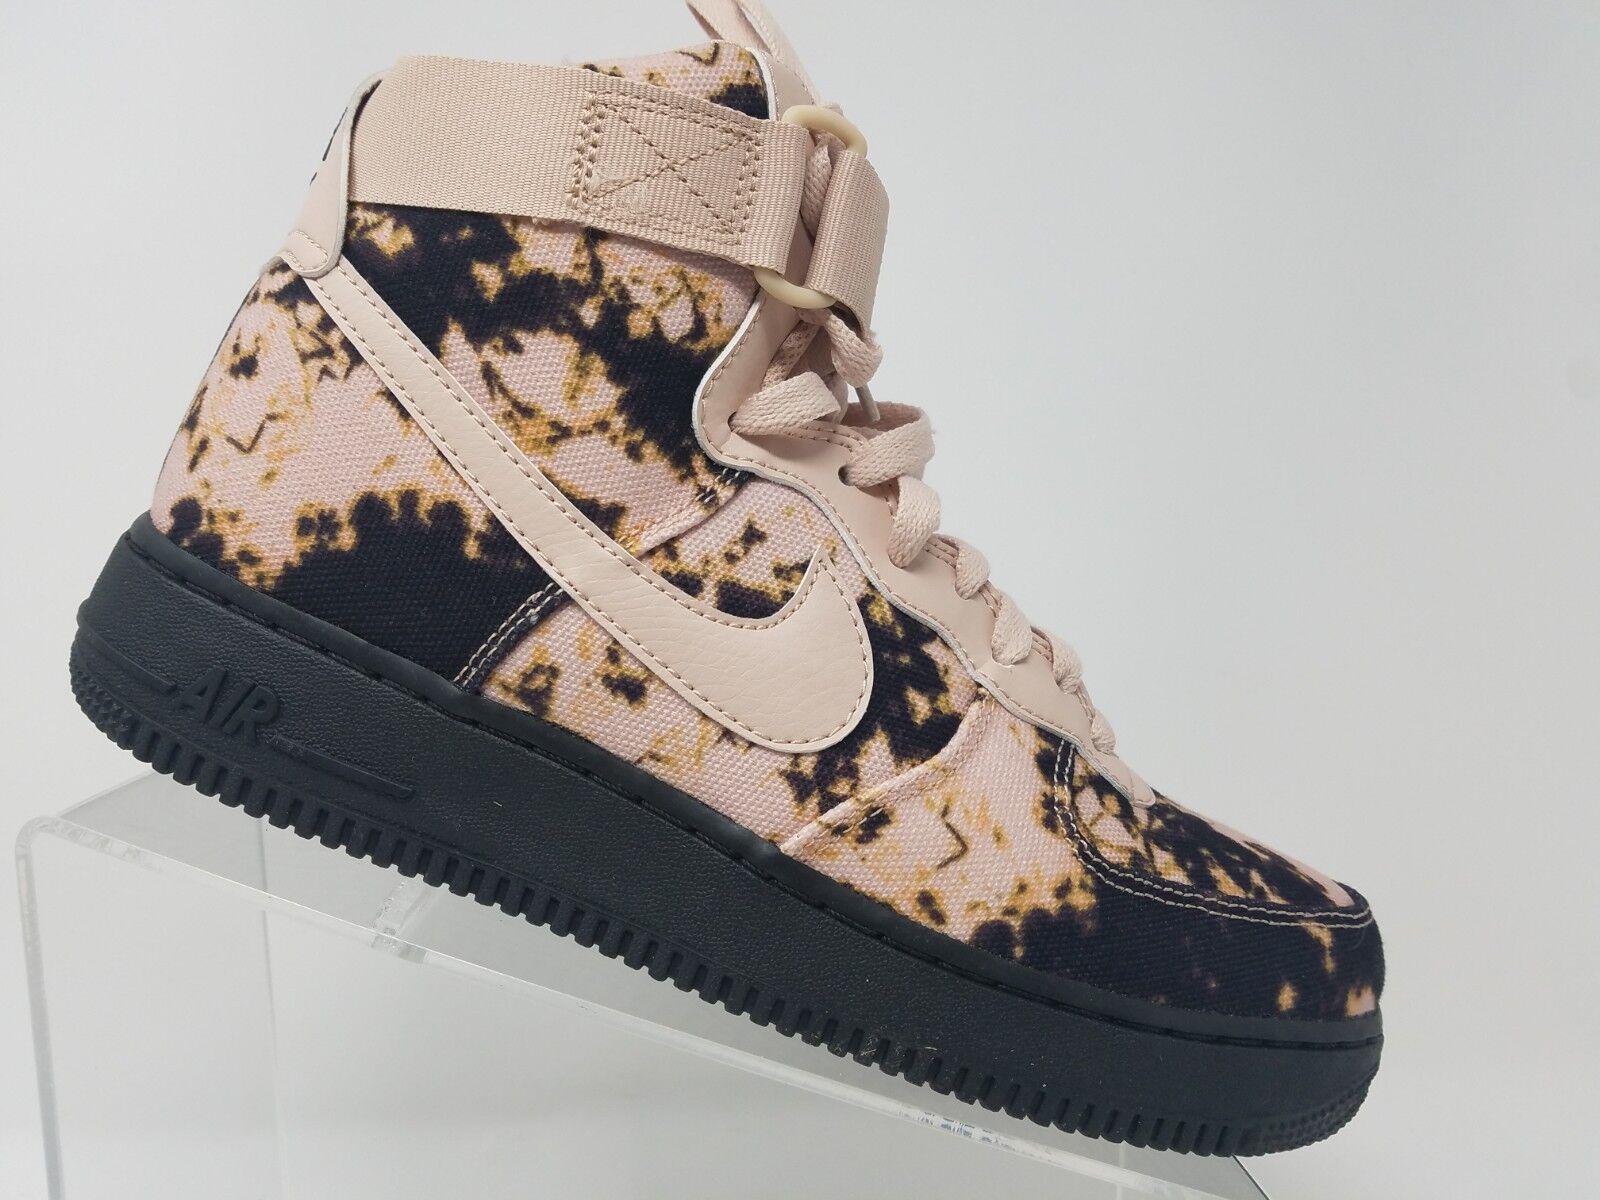 Nike Air Force 1 AF1 High Print Acid Wash Size 8.5 Mens Black AR1954 001